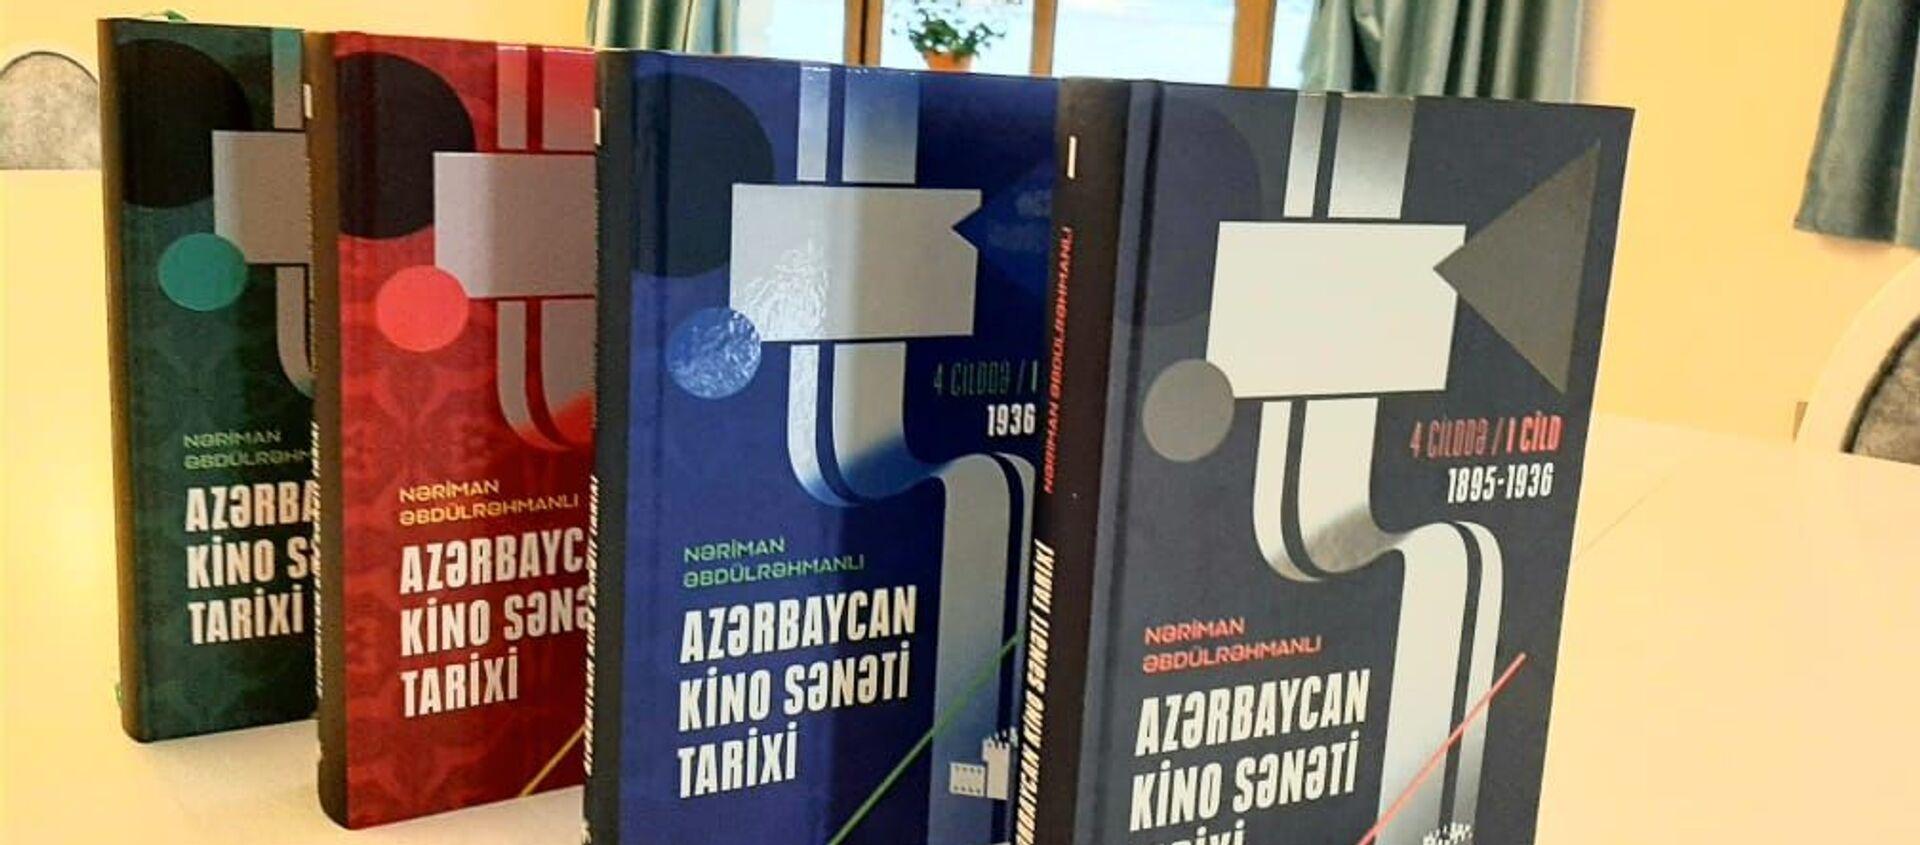 Azərbaycan kino sənəti tarixi  kitabı - Sputnik Азербайджан, 1920, 09.02.2021